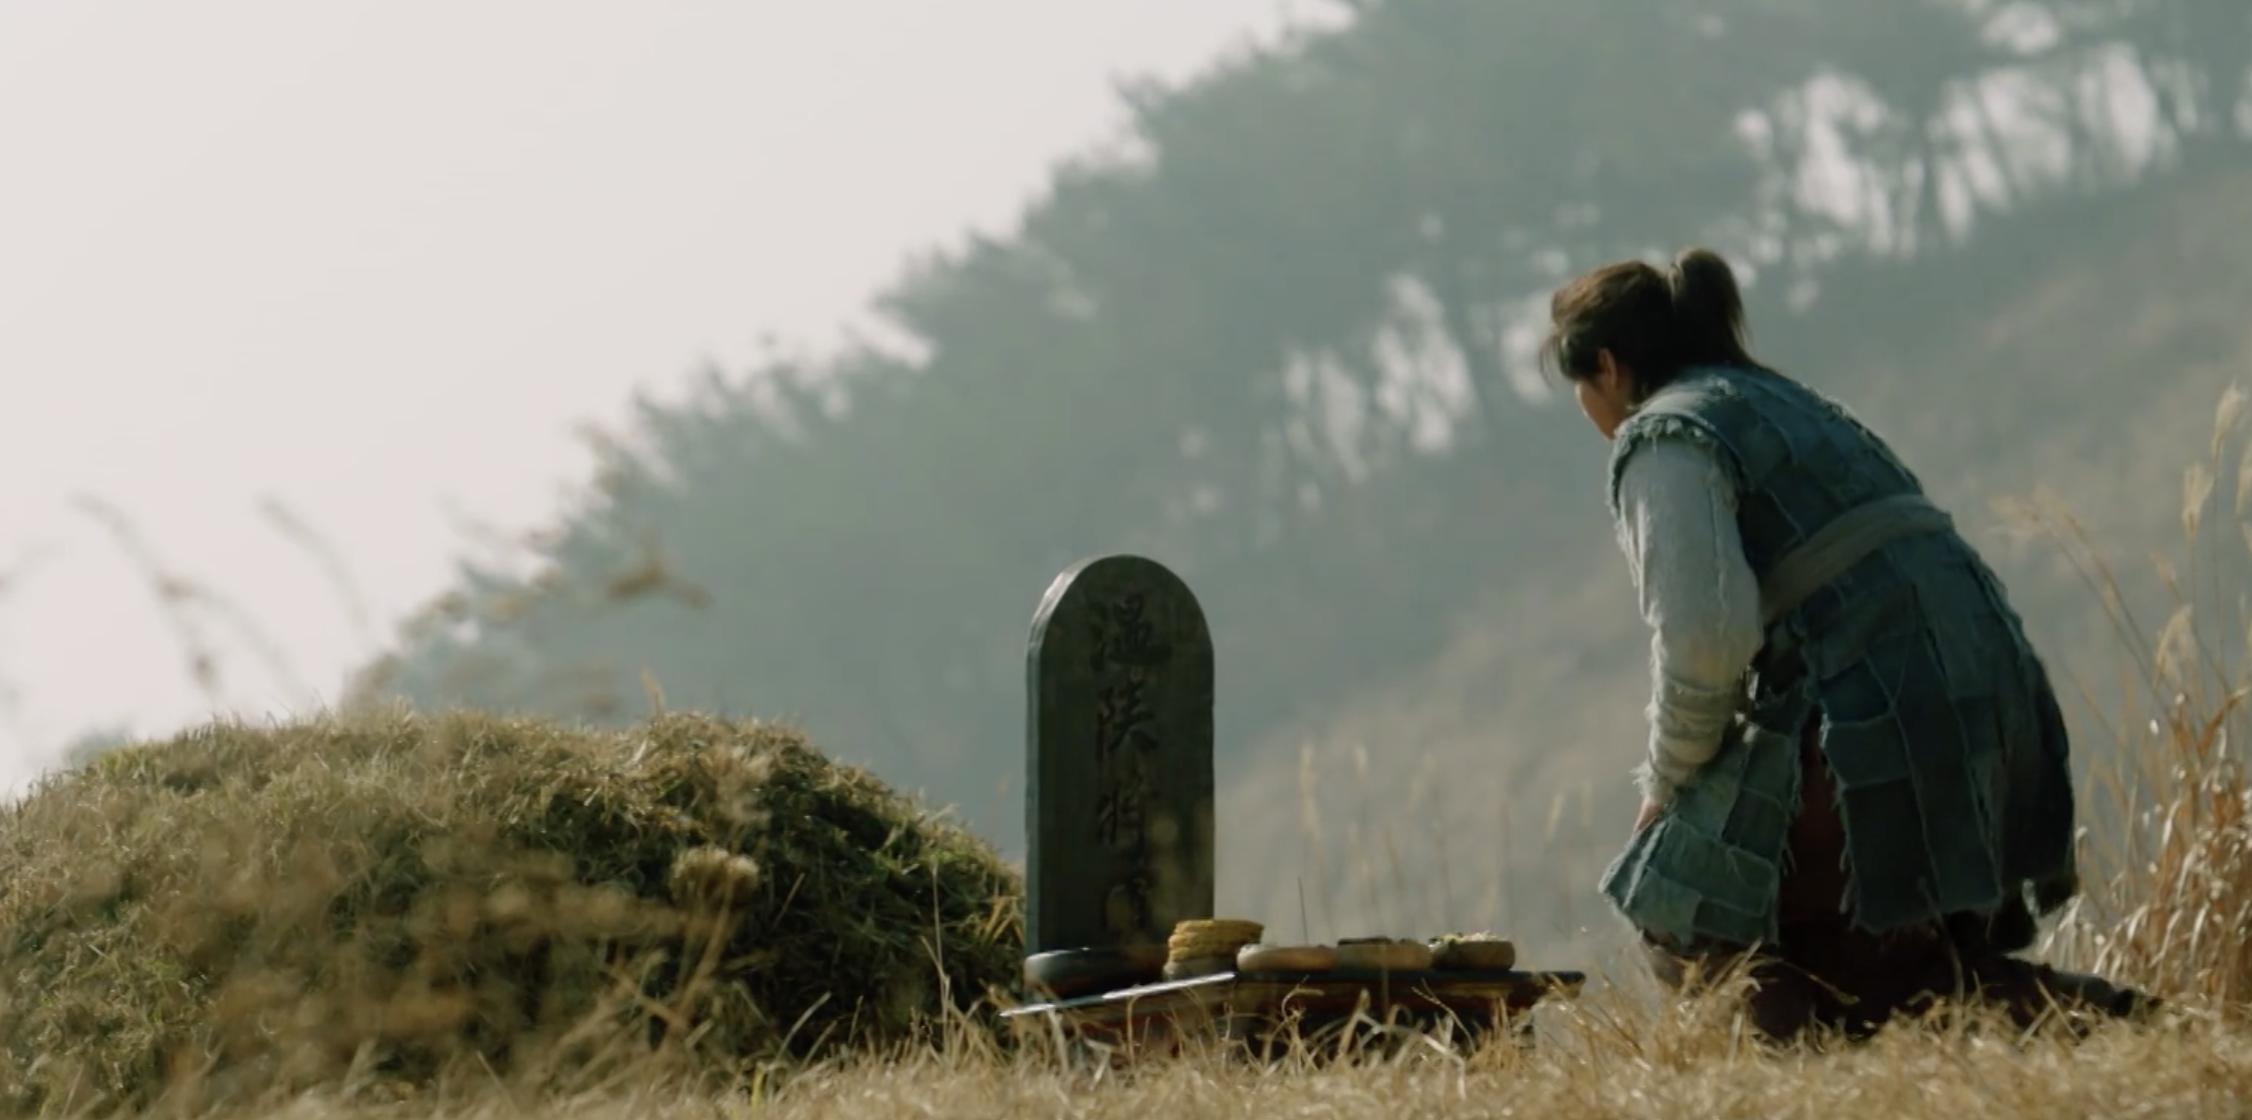 Vừa mới dẫn Kim So Hyun về ra mắt, Ji Soo phát hiện crush là kẻ gián tiếp giết cha ở Sông Đón Trăng Lên? - Ảnh 8.